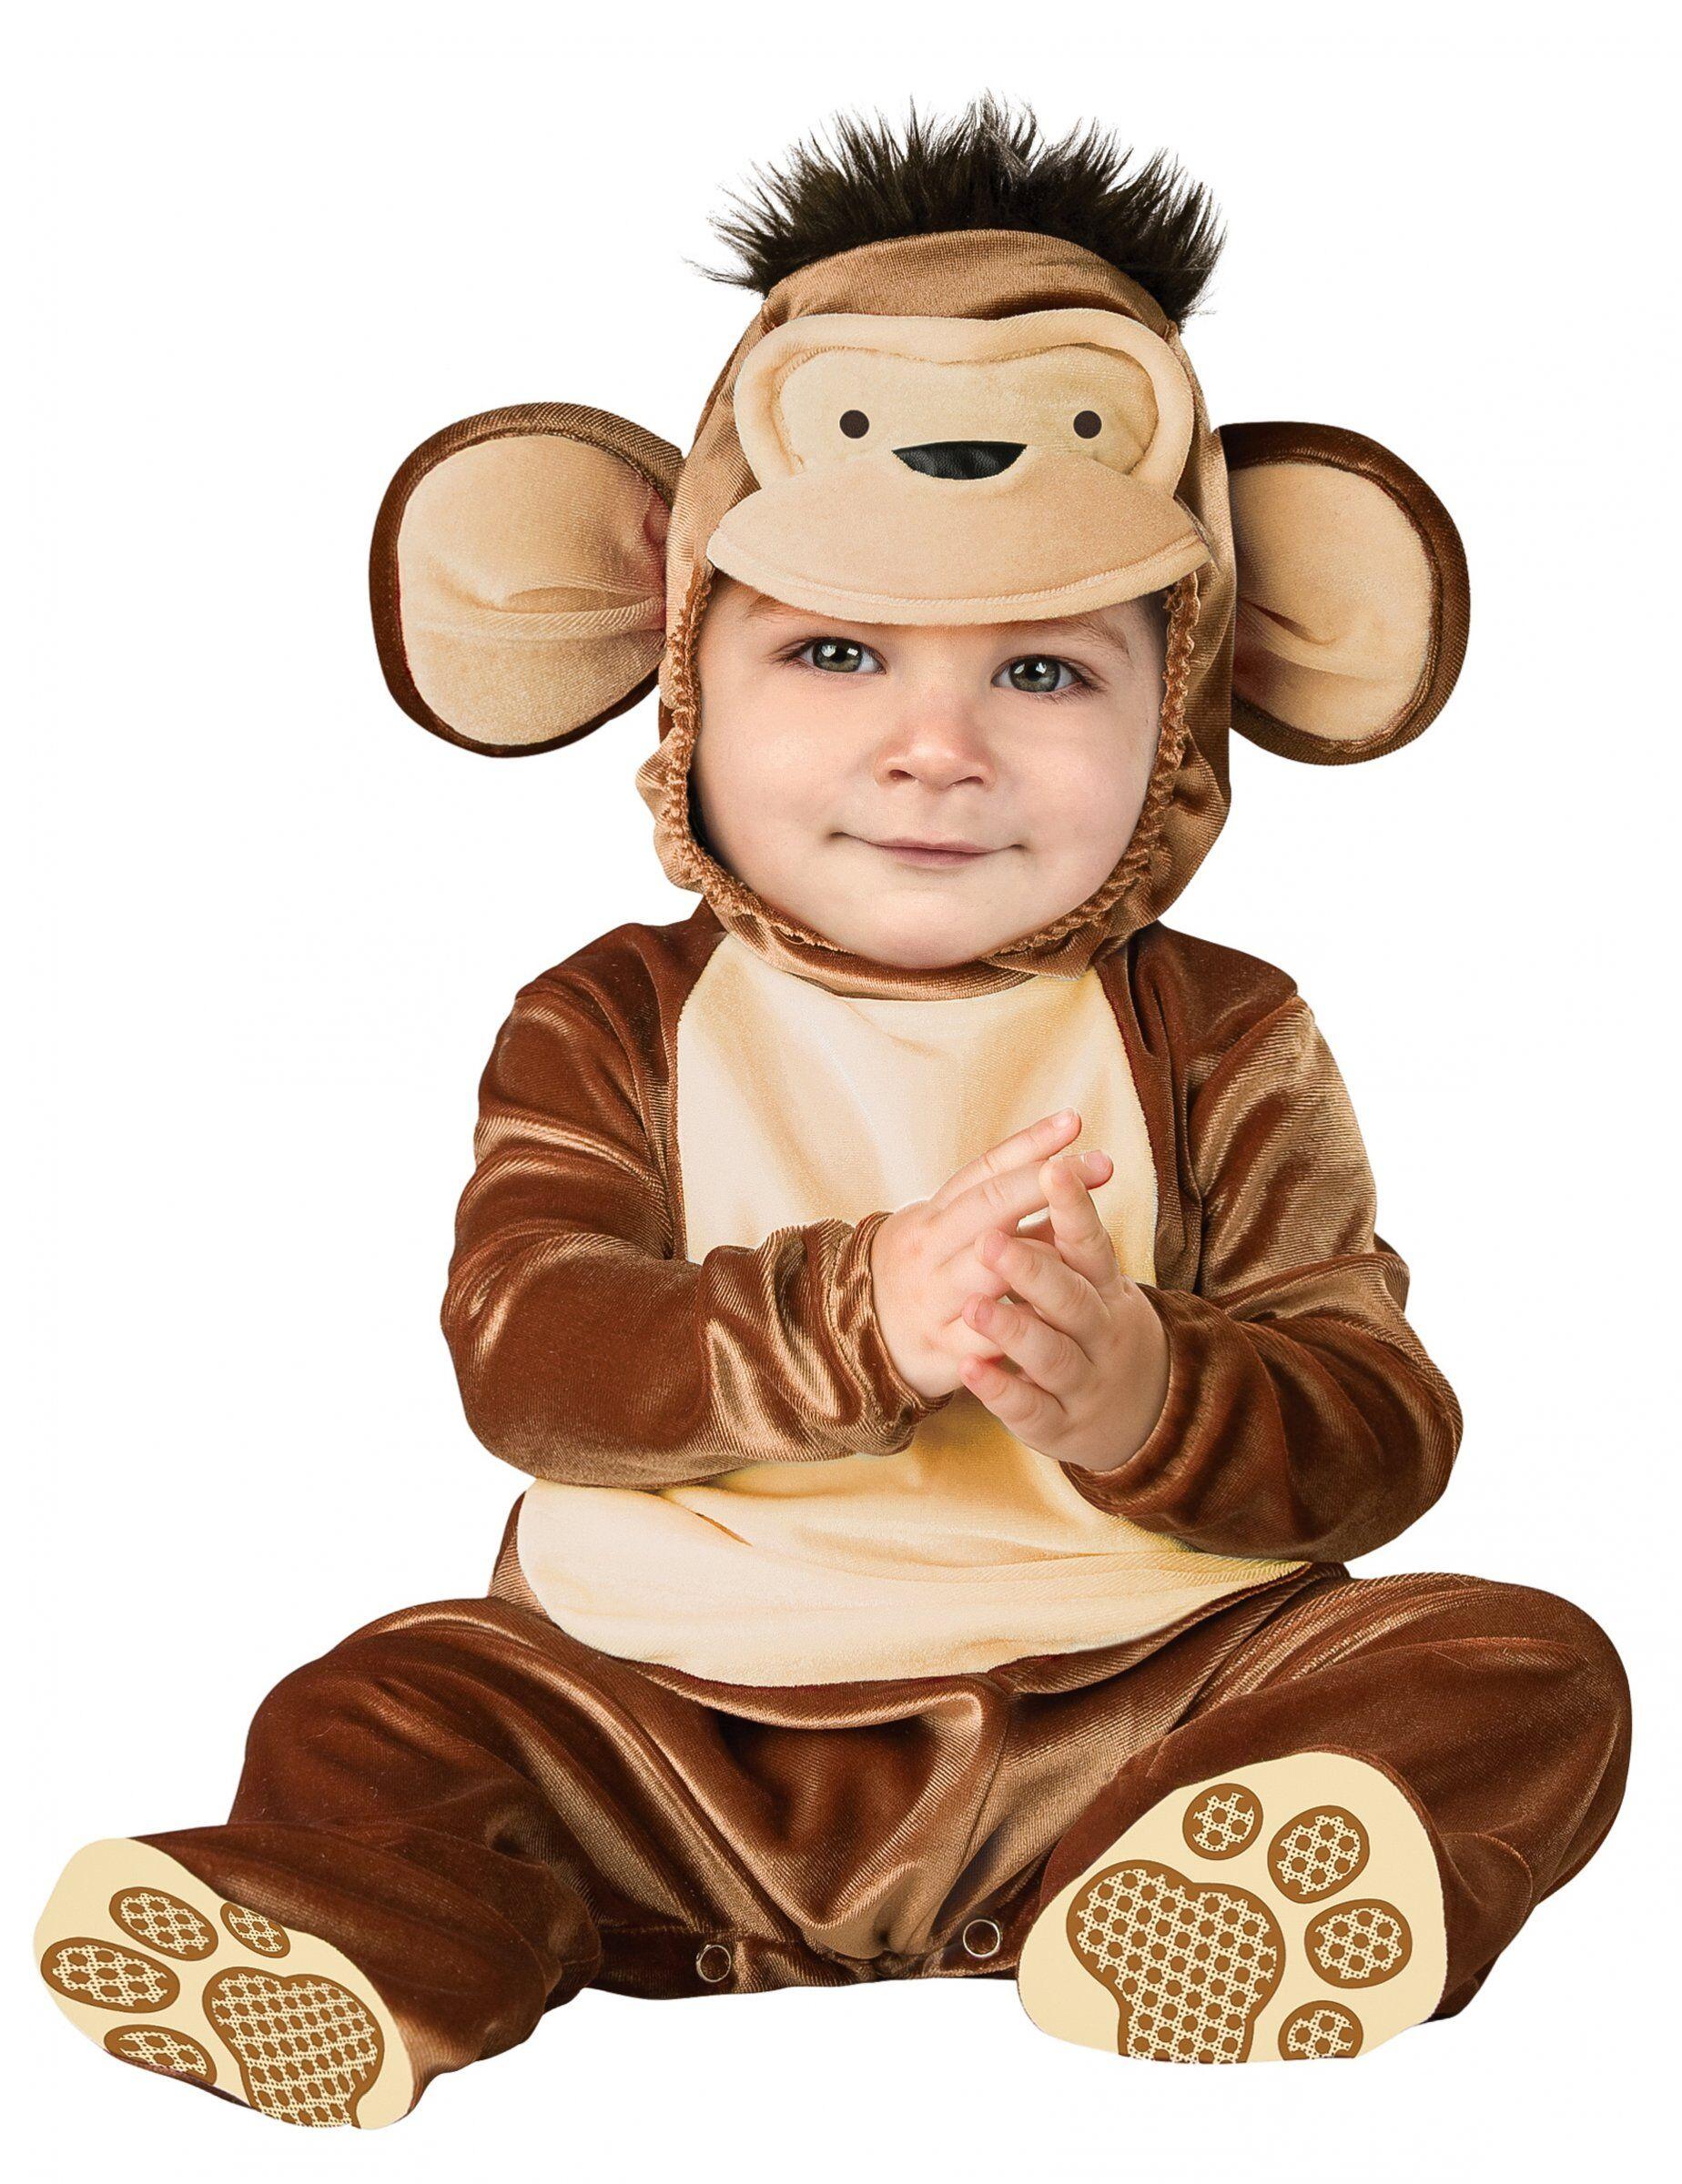 Deguisetoi Déguisement Singe pour bébé - Classique - Taille: 6-12 mois (66-74 cm)